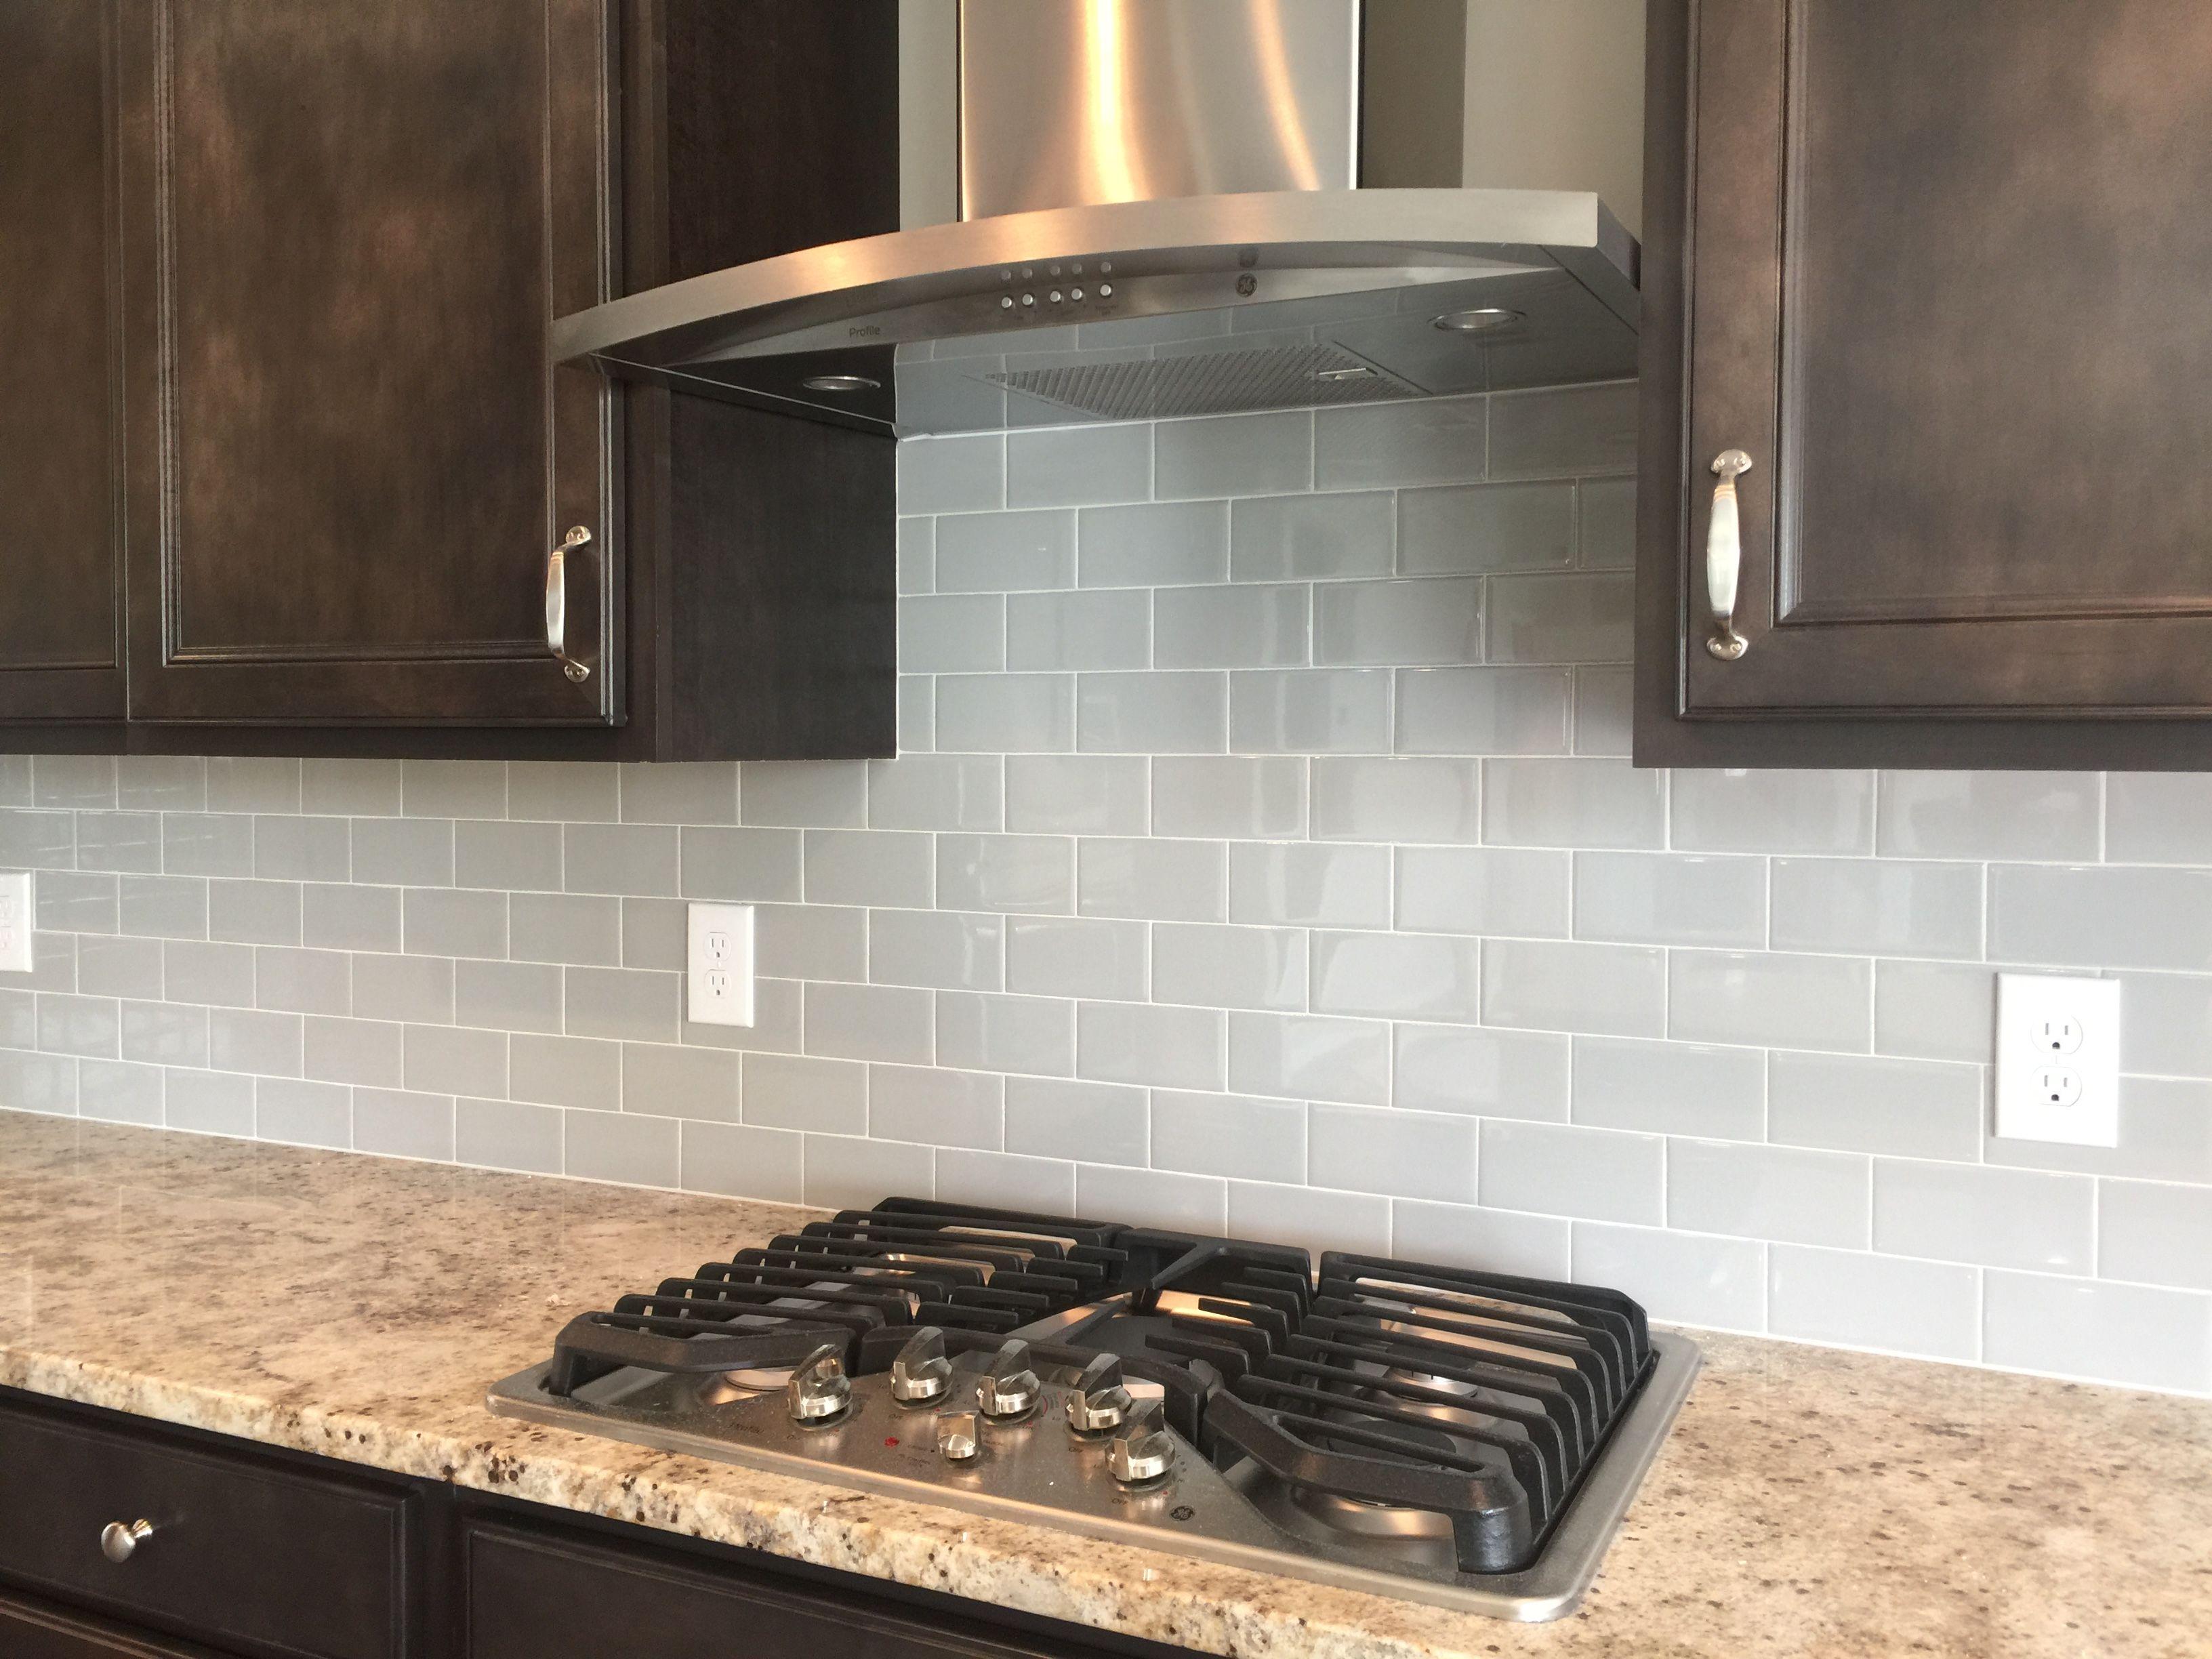 3x6 Subway Tile Desert Gray Backsplash Installed Brick Joint